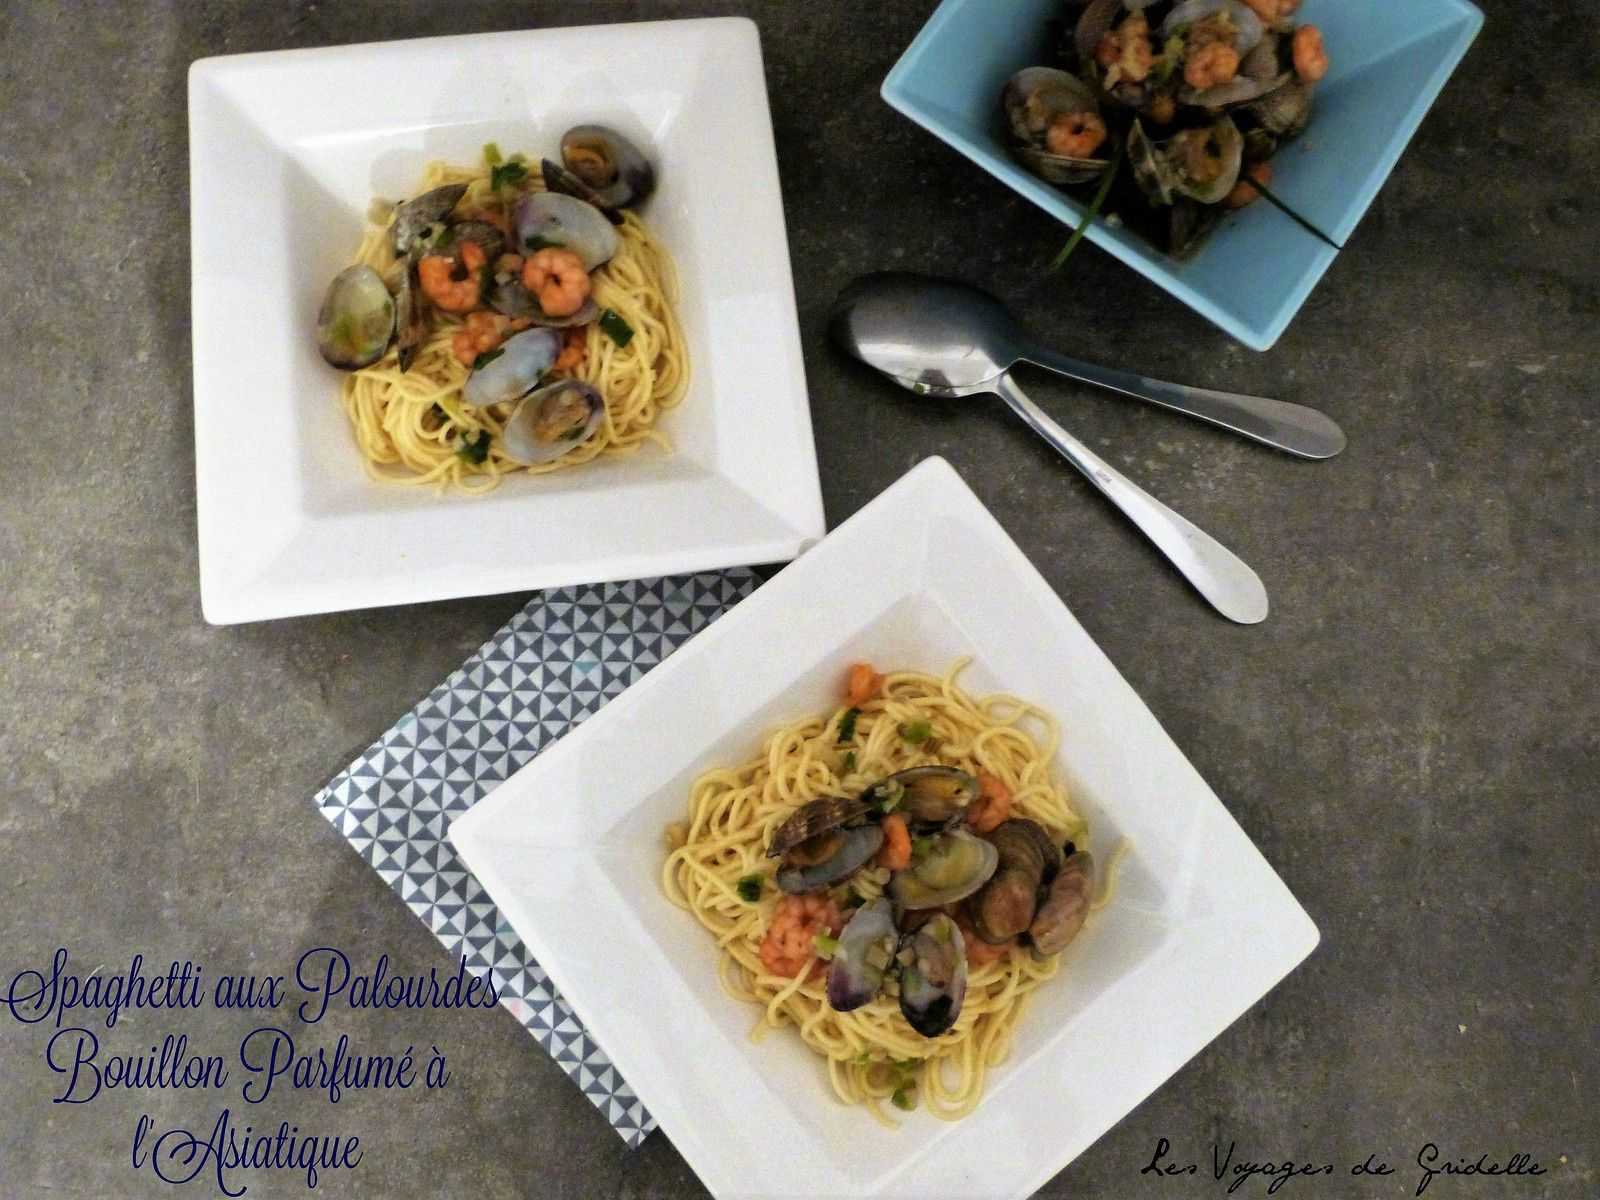 Spaghetti aux Palourdes, Bouillon Parfumé à l'Asiatique